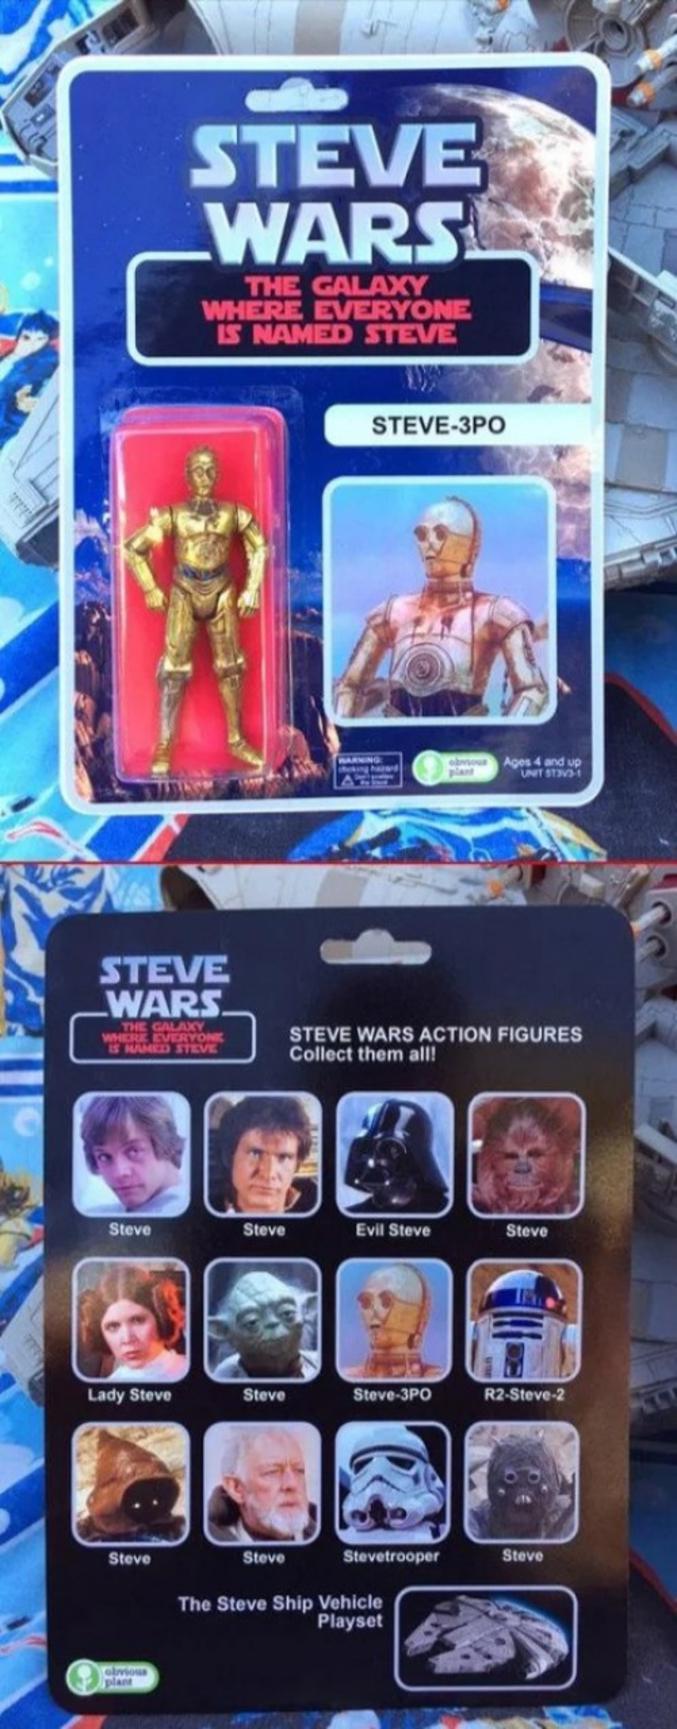 La Galaxie où tout le monde s'appelle Steve.